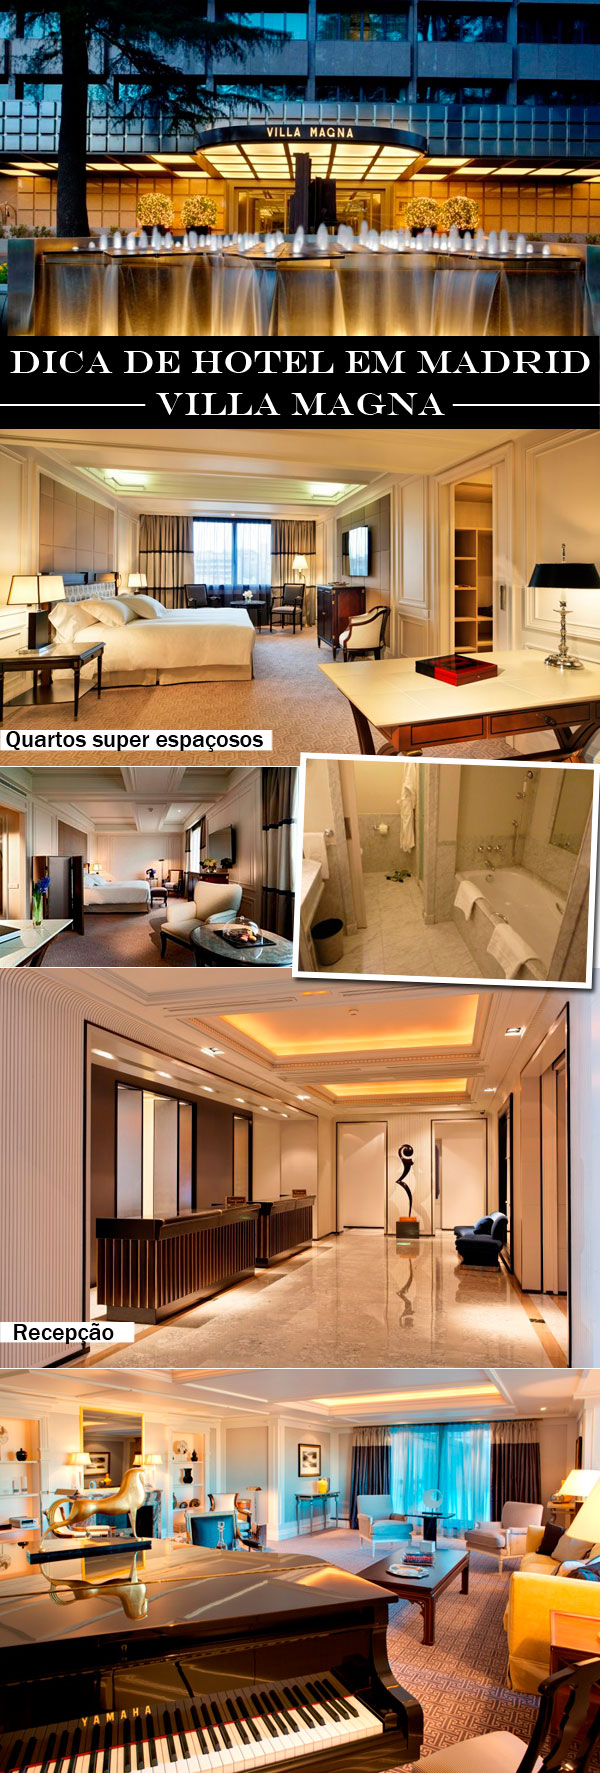 hotel-madri-dica-villa-magna